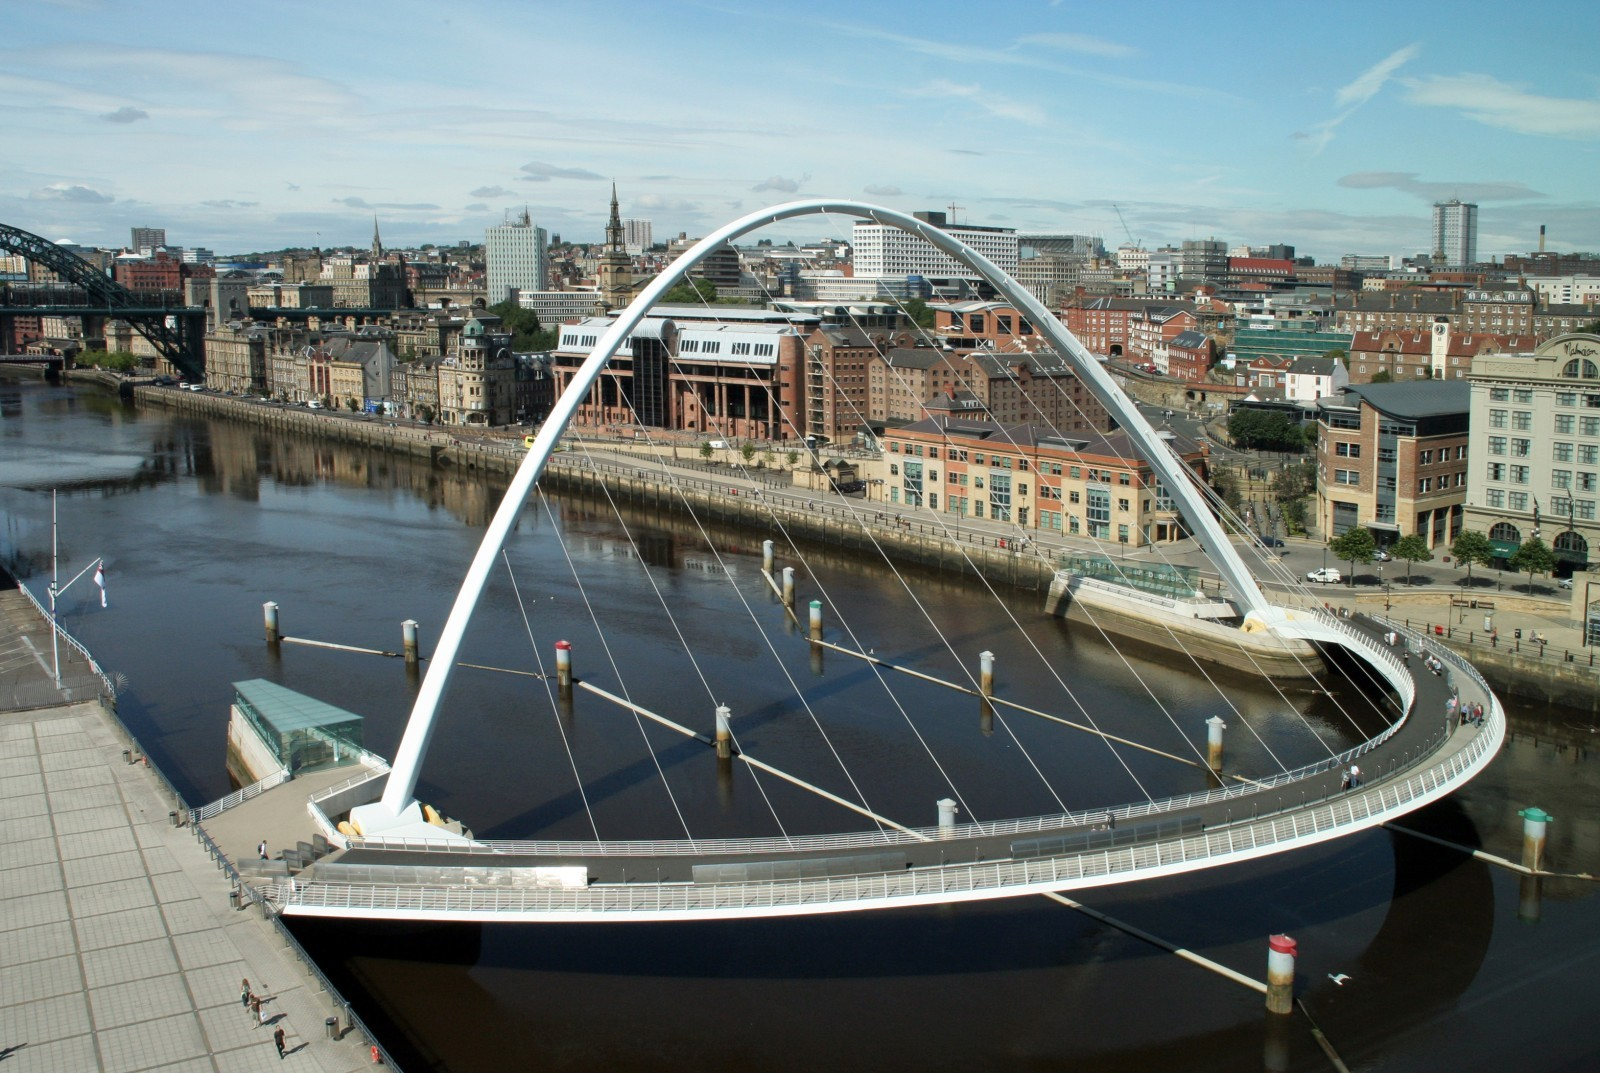 Le Gateshead Millenium Bridge,  dans le nord de l'Angleterre. C'est un pont mobile avec une forme très particulière. Il pivote sur un axe horizontal perpendiculaire au courant. Sa forme courbe lui permet ainsi d'adopter un profil d'arc une fois redressé. Il est en place depuis 2001. Architecte : Keith Brownlie du studio Wilkinson Eyre. Source : Flickr